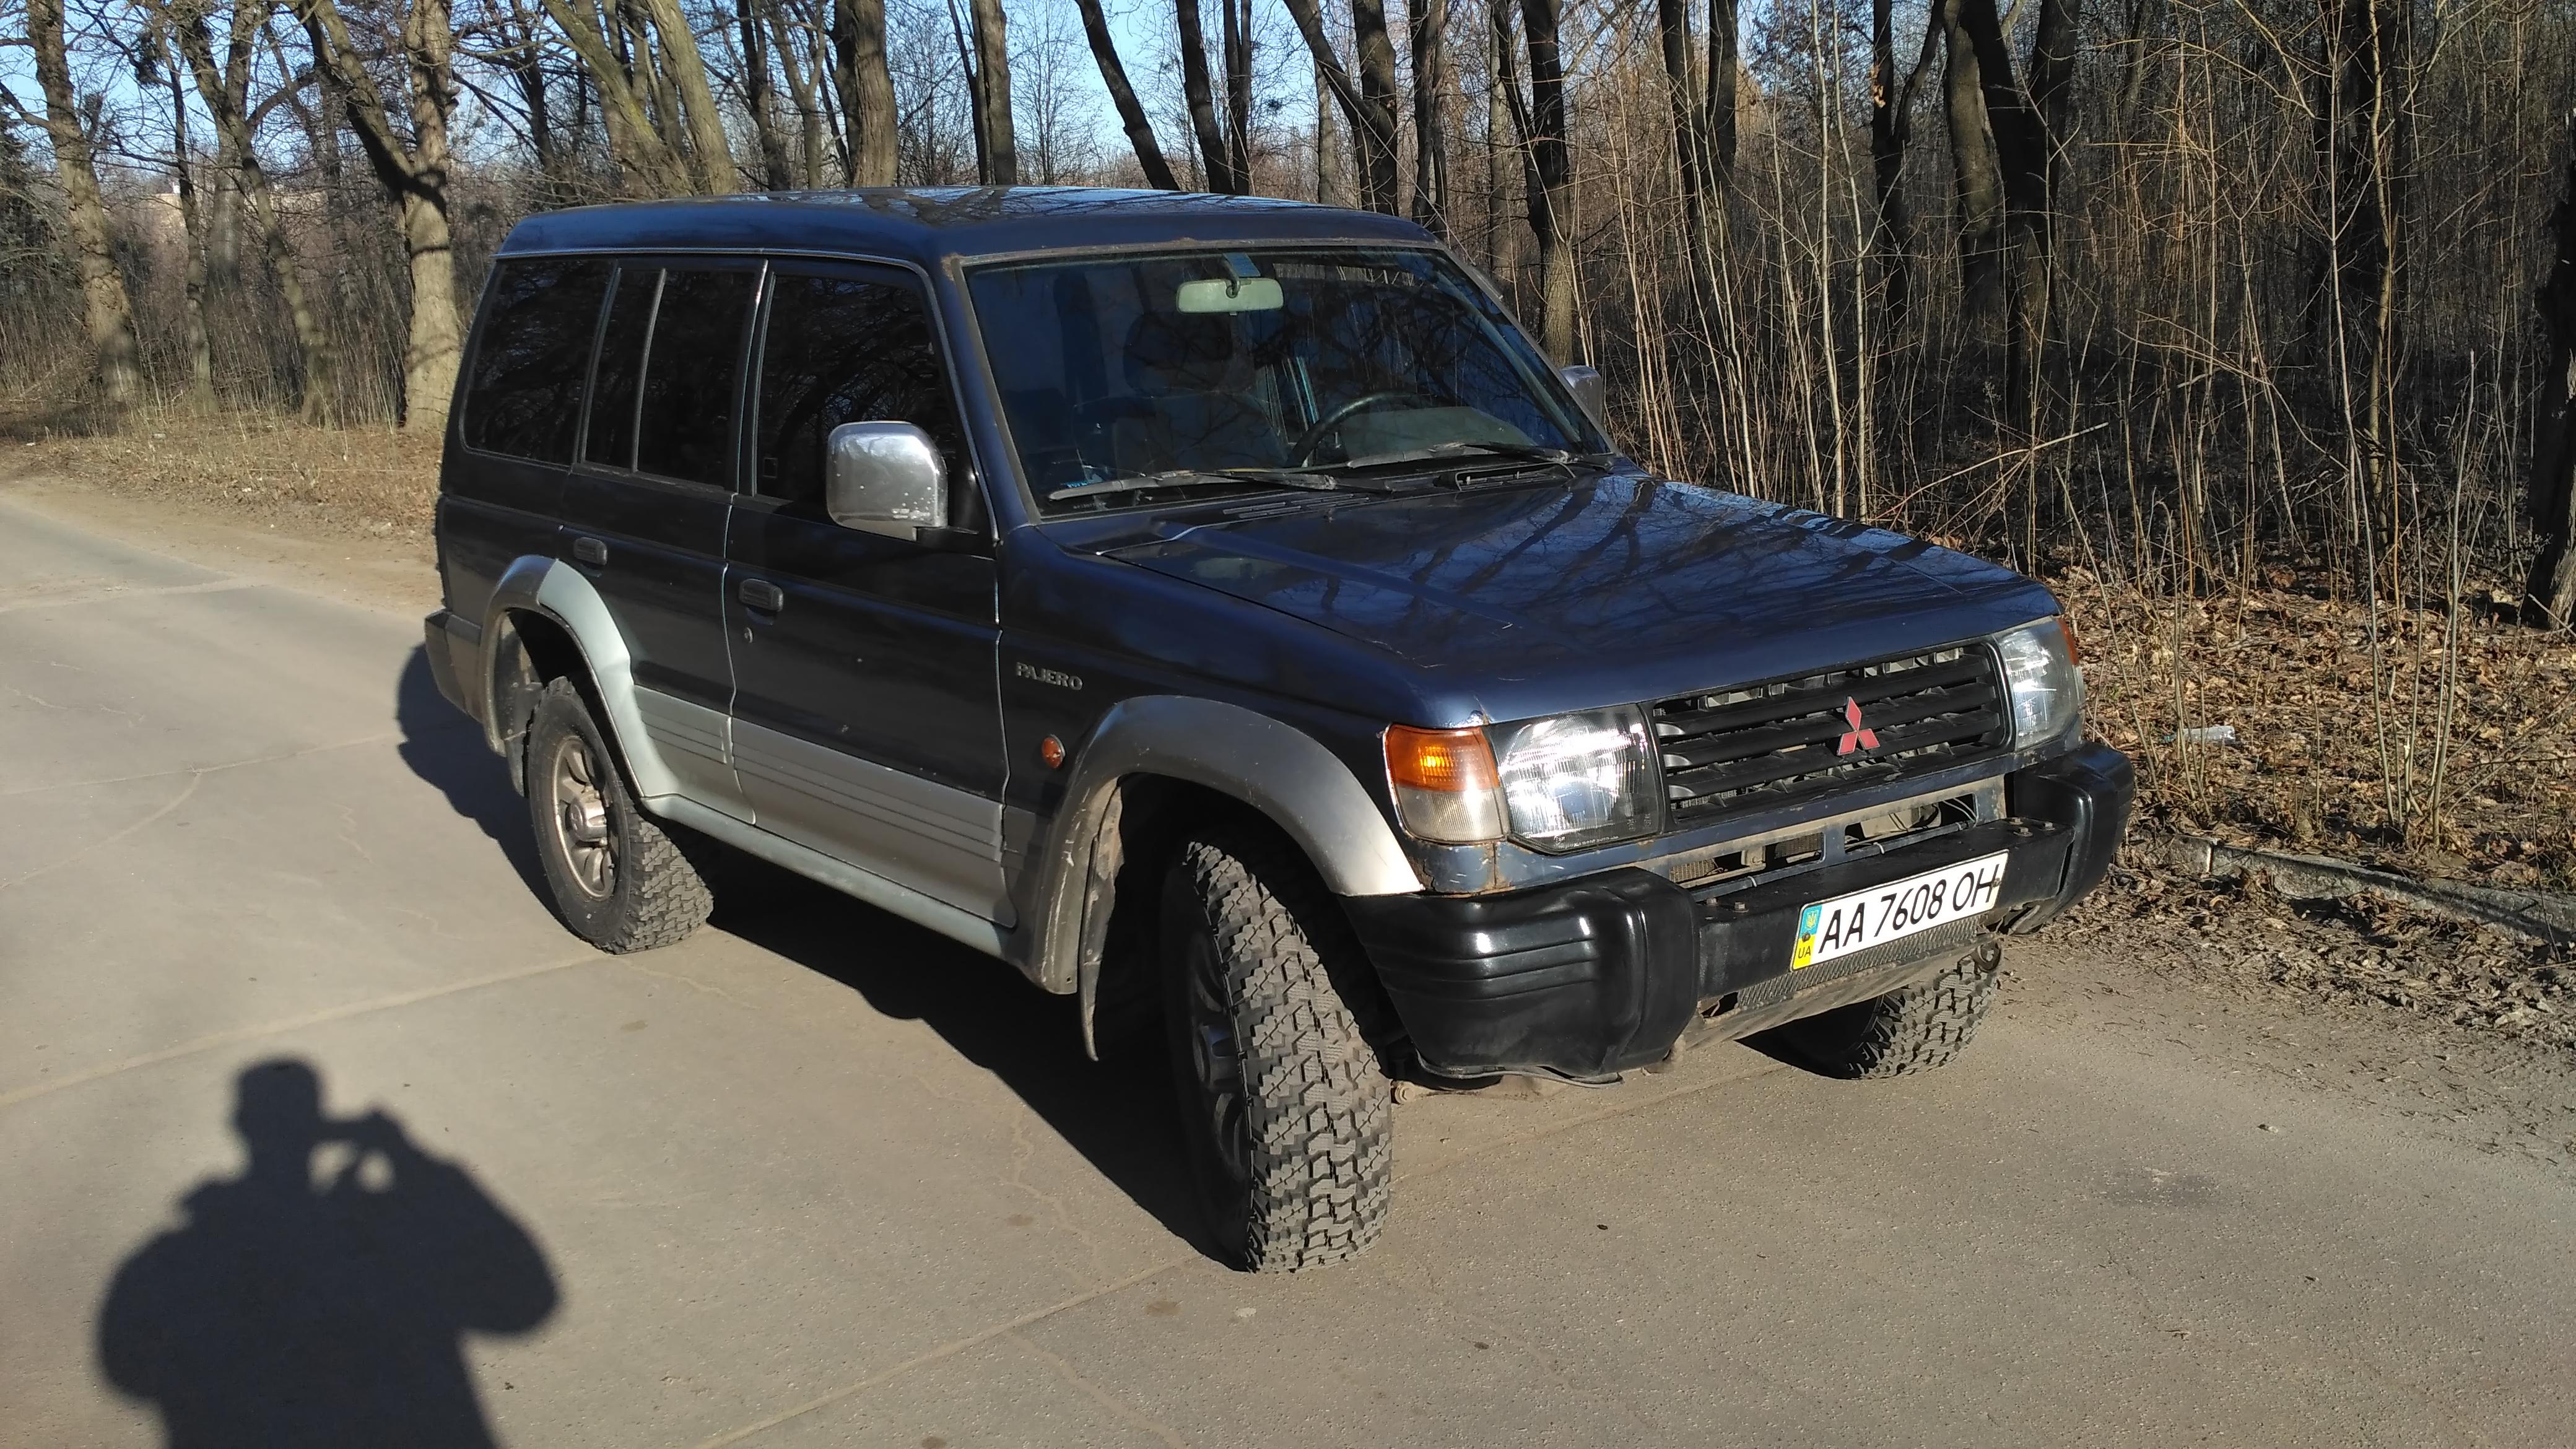 Водитель: Серик Илья<br/>Штурман: на регистрации<br/>Машина: Mitsubishi Pajero wagon II (1993г., 2500см³)<br/>Класс: N4<br/>Стартовый №: 413